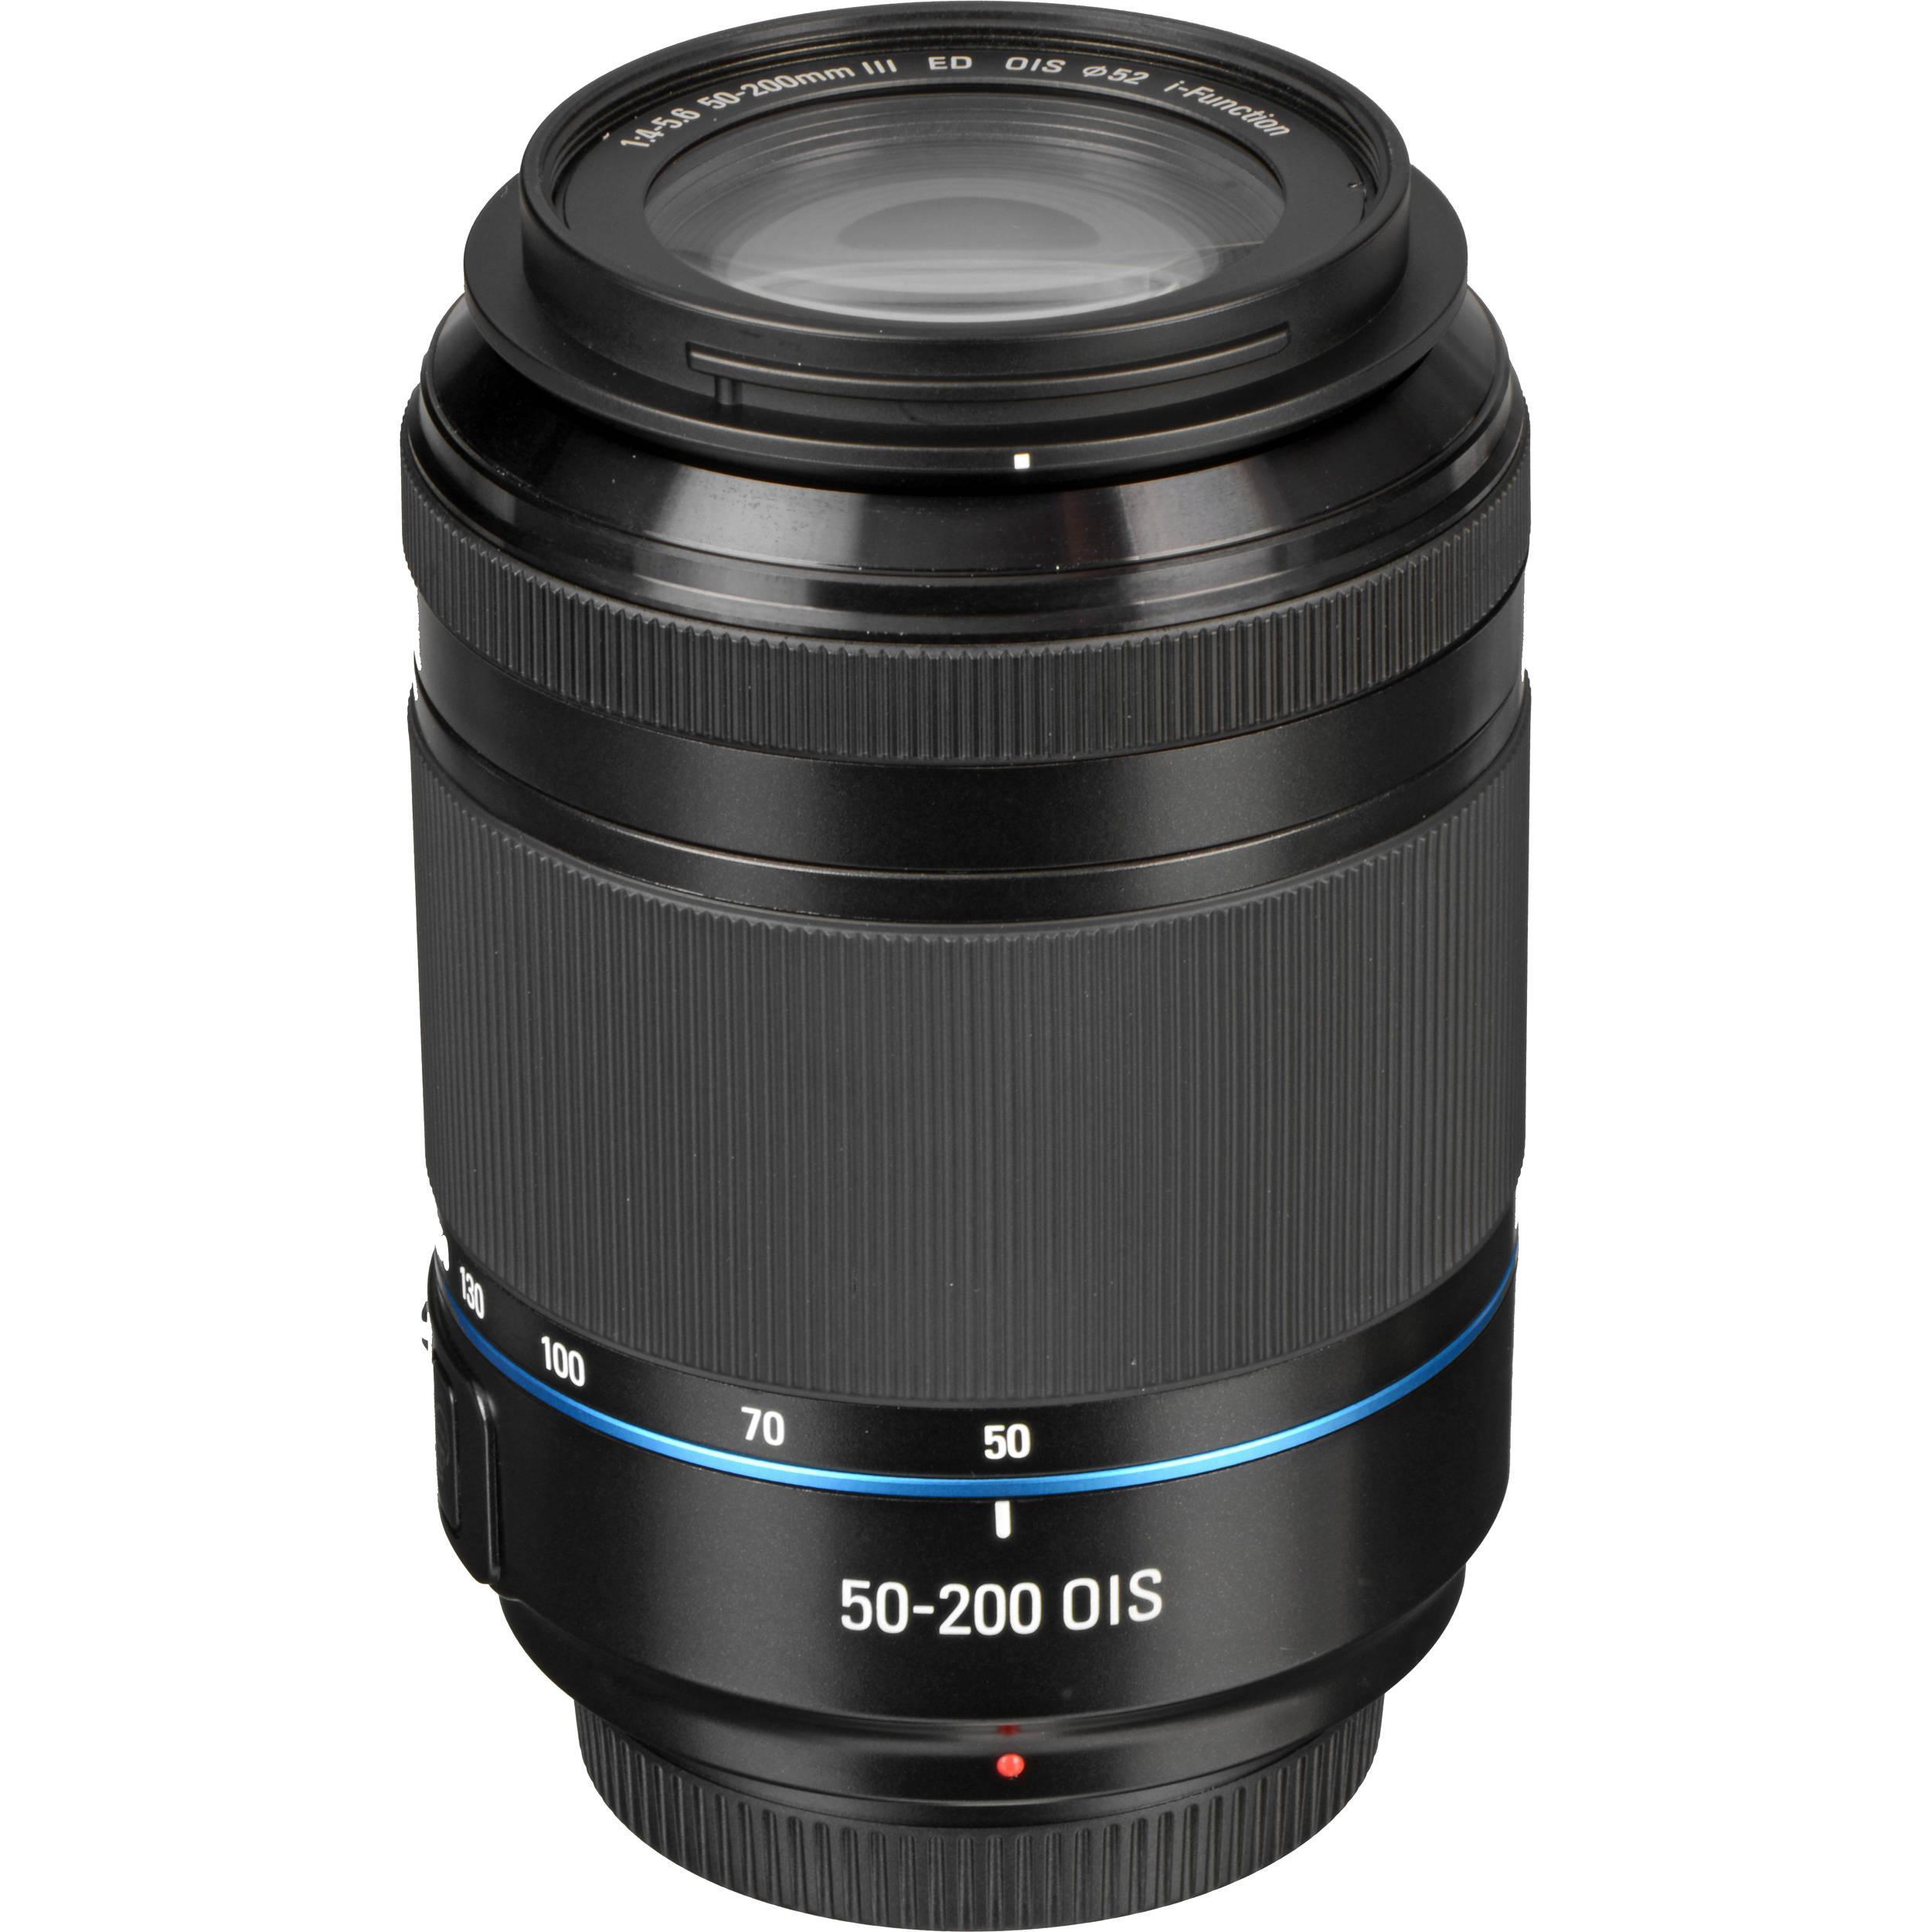 Hybride - NX1100 Noir Samsung NX 50-200mm f/4-5.6